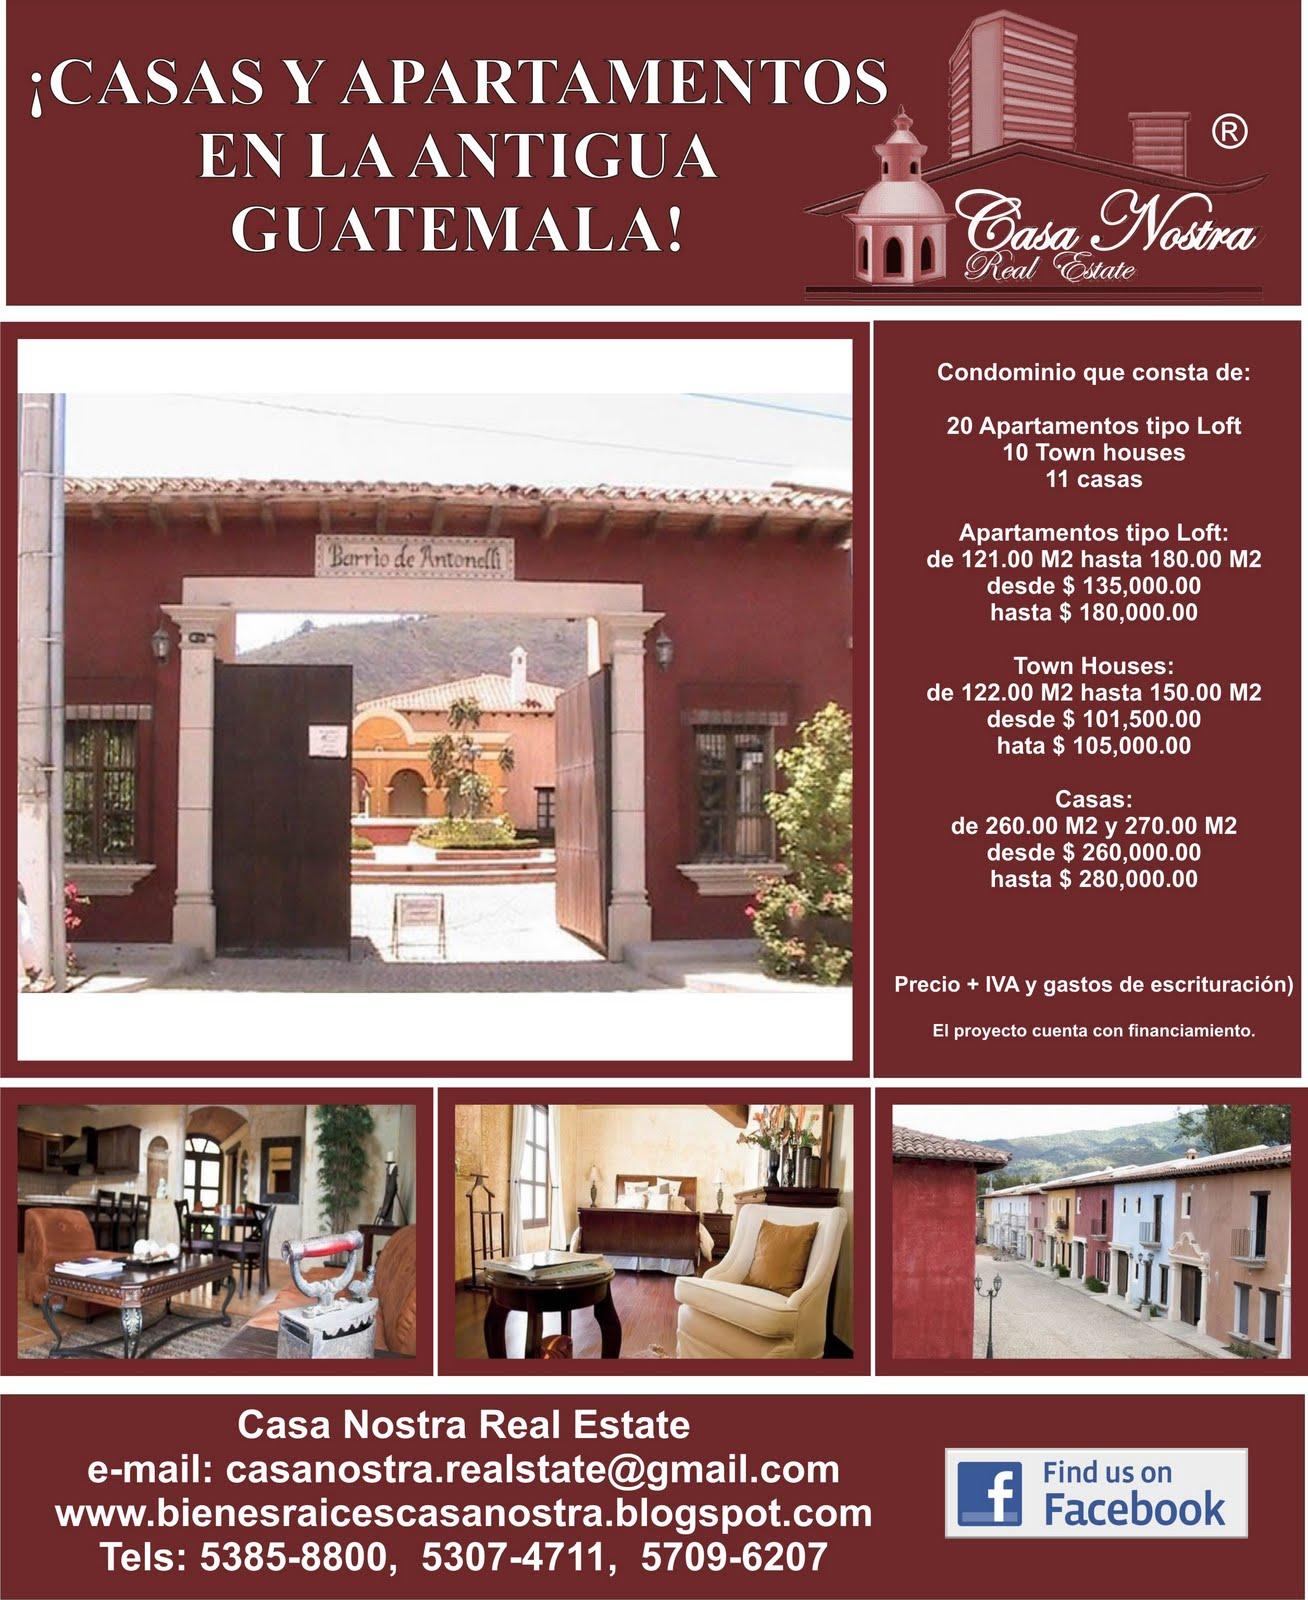 Casa nostra real estate barrio antonelli la antigua guatemala - Precios de internet para casa ...